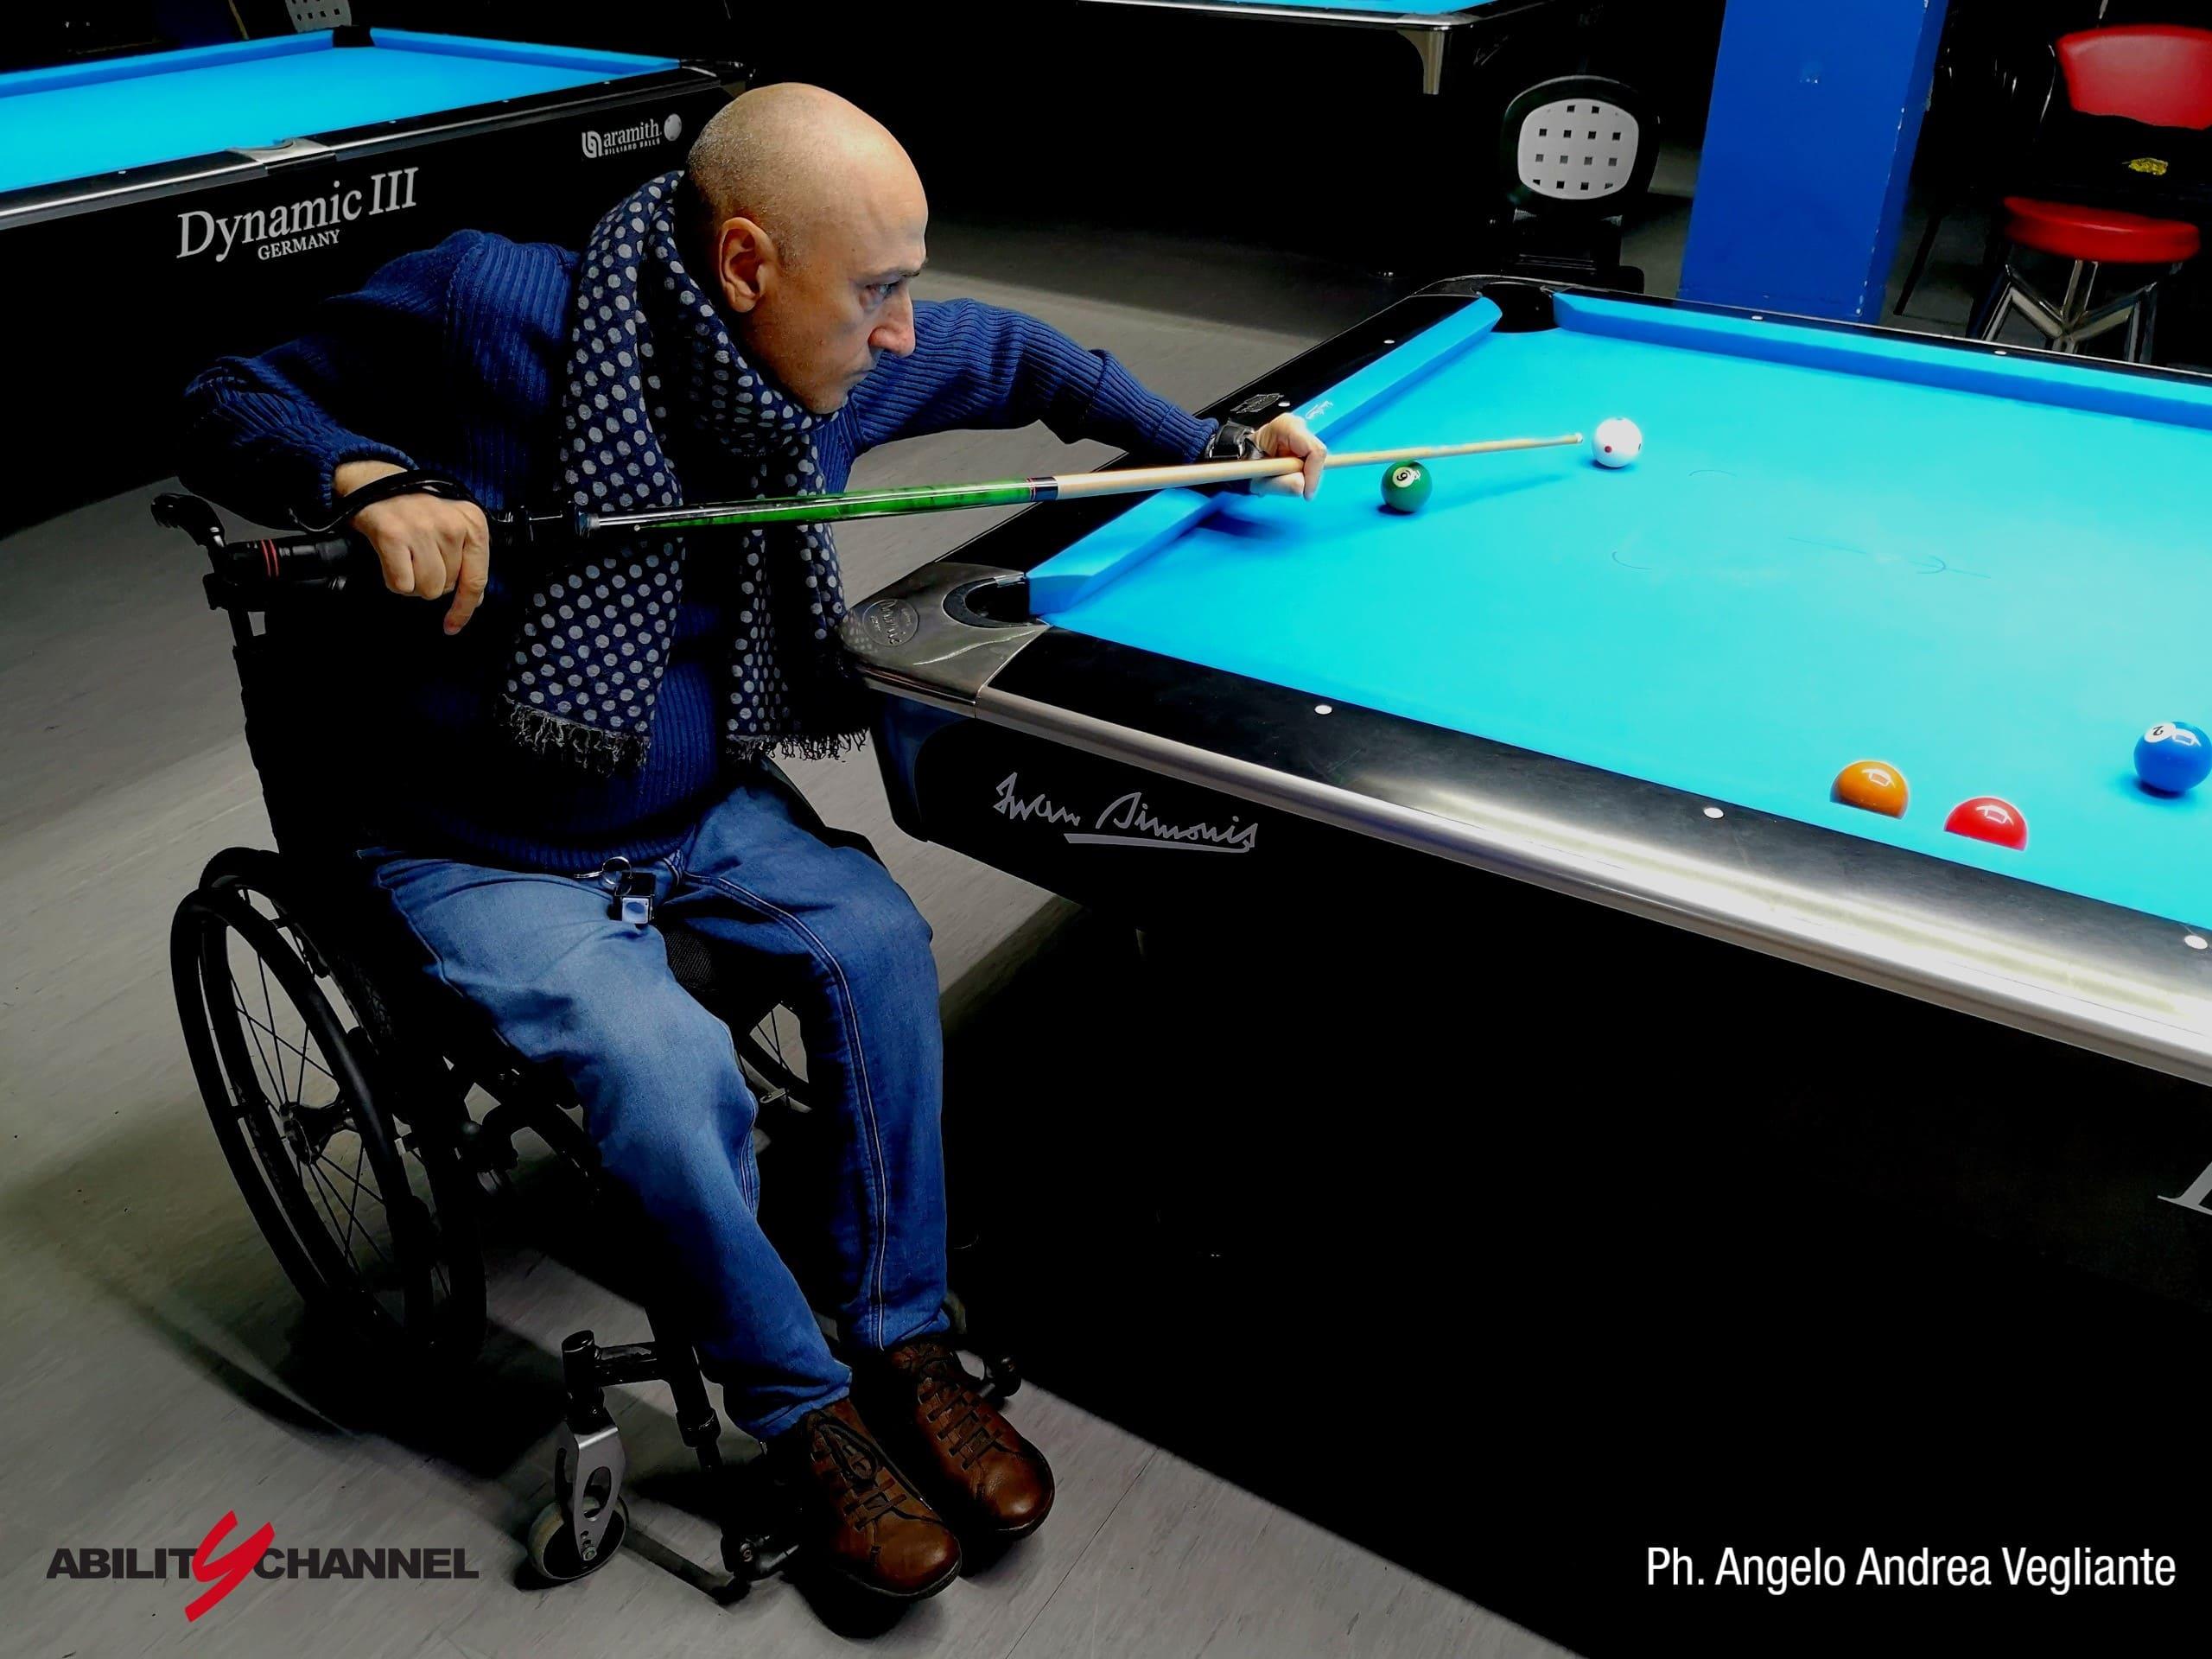 Wheelchair Billiards Ability Channel Luca Bucchi biliardino in carrozzina